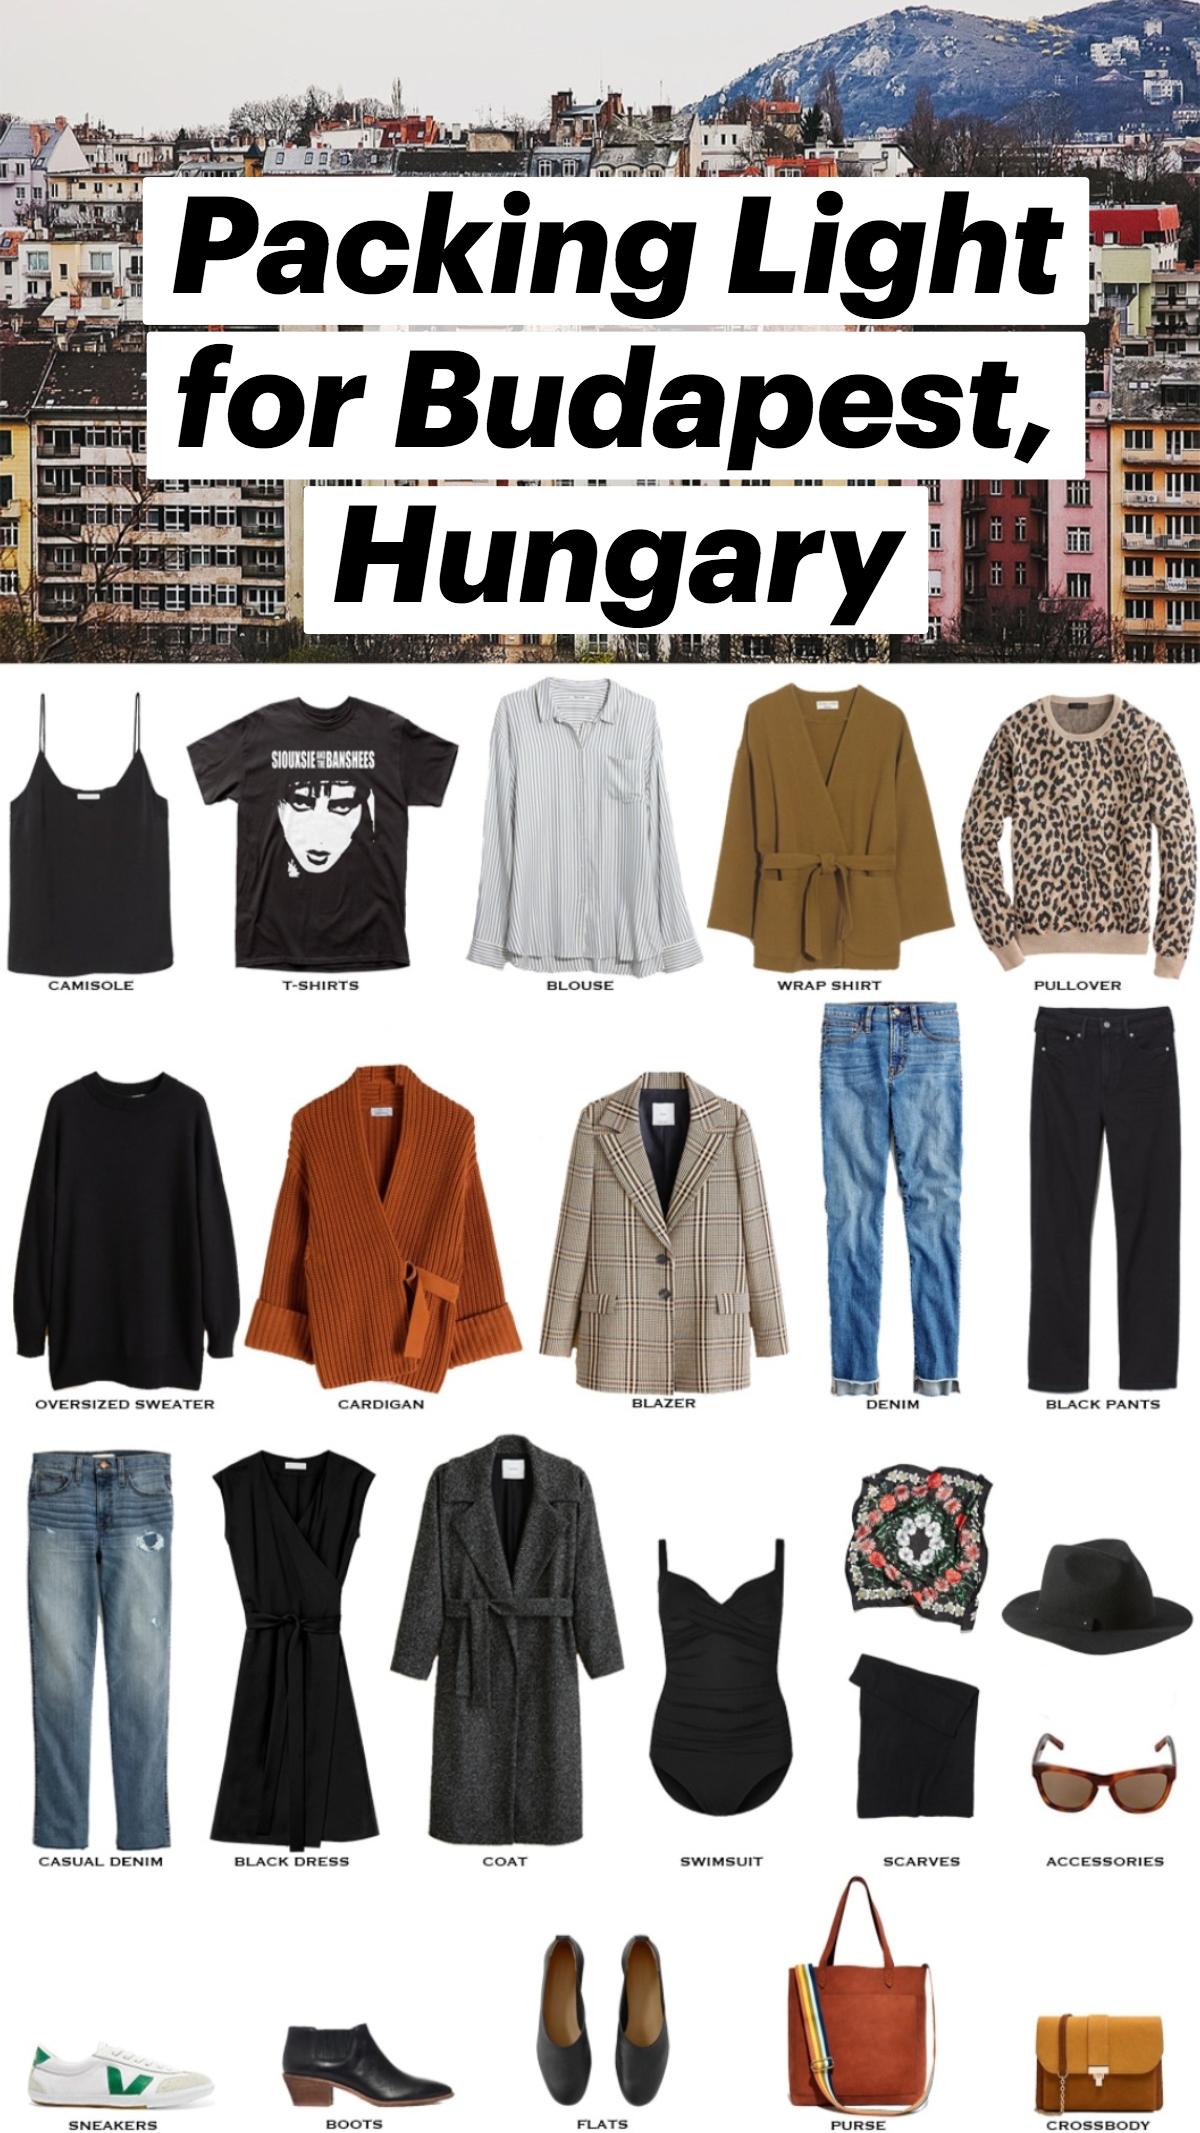 Packing Light for Budapest, Hungary